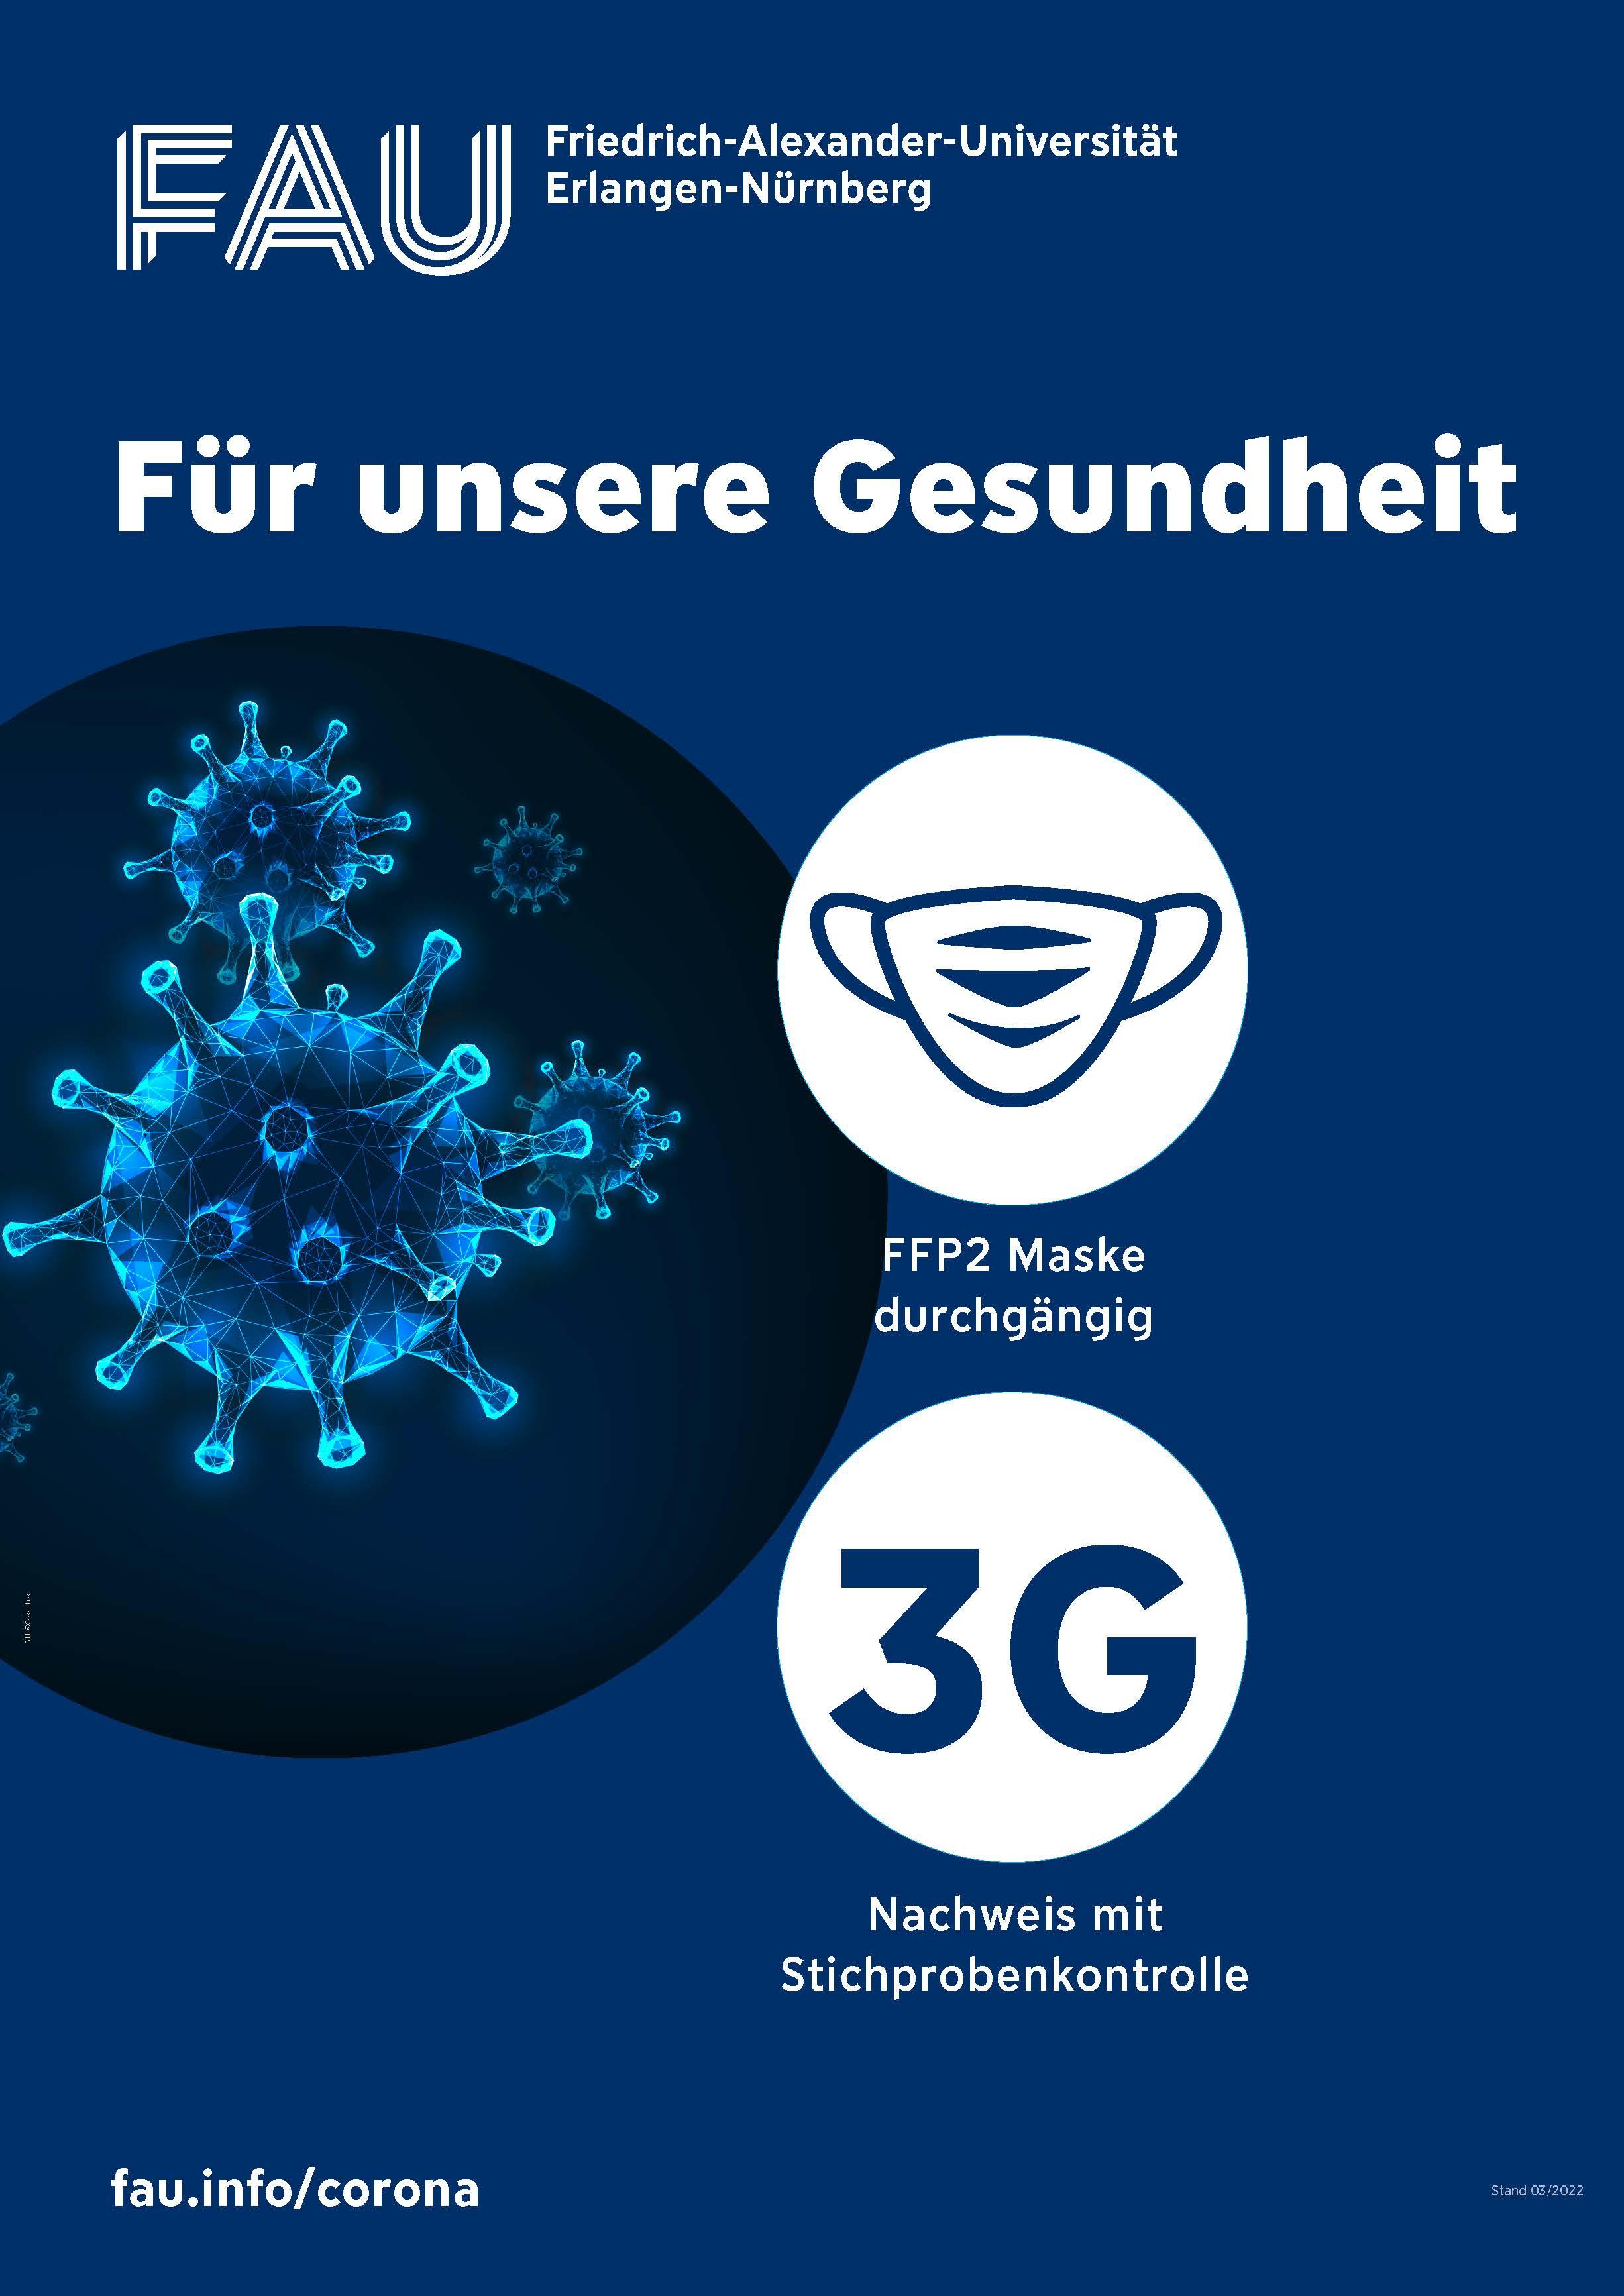 Vorschau FAU-Plakat 3G-Regelung